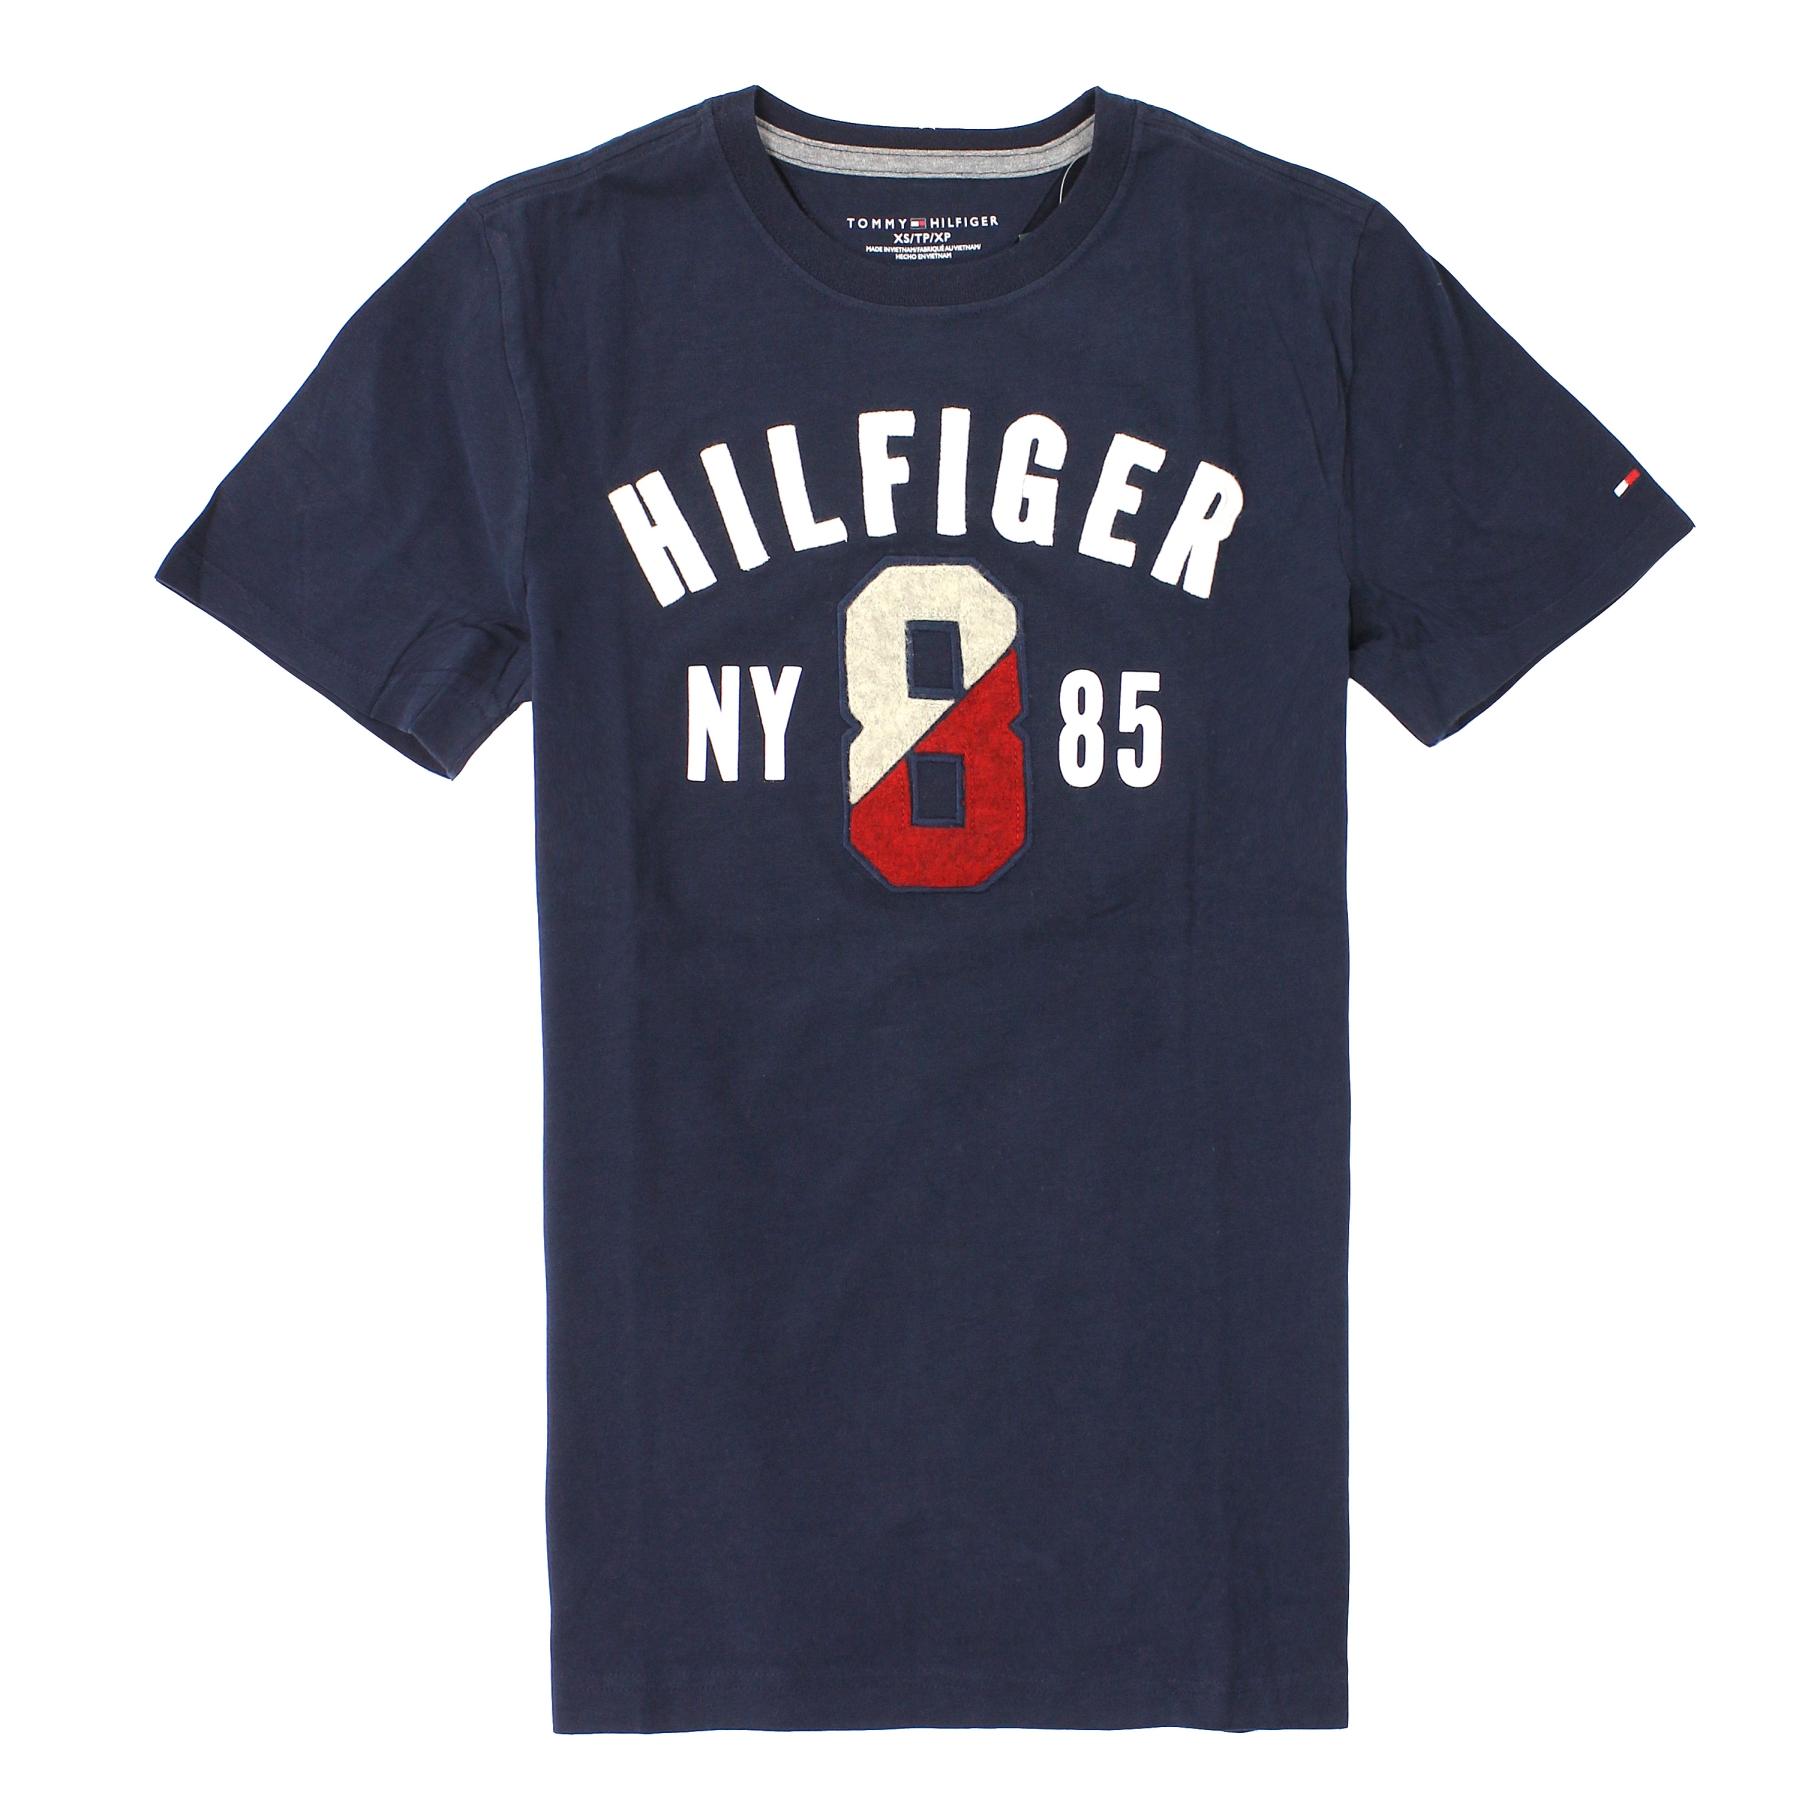 美國百分百【全新真品】Tommy Hilfiger T恤 TH 短袖 T-shirt 上衣 深藍 刺繡 Logo 數字 男 XS S M